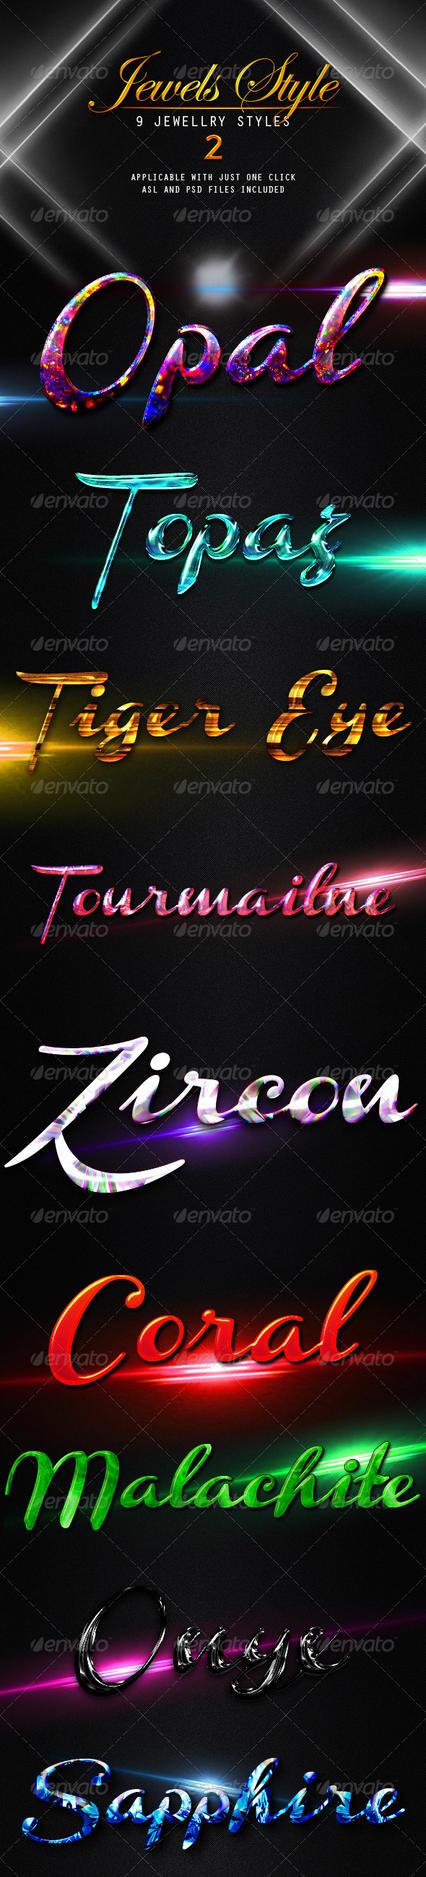 Jewel Styles 2 by sarthony